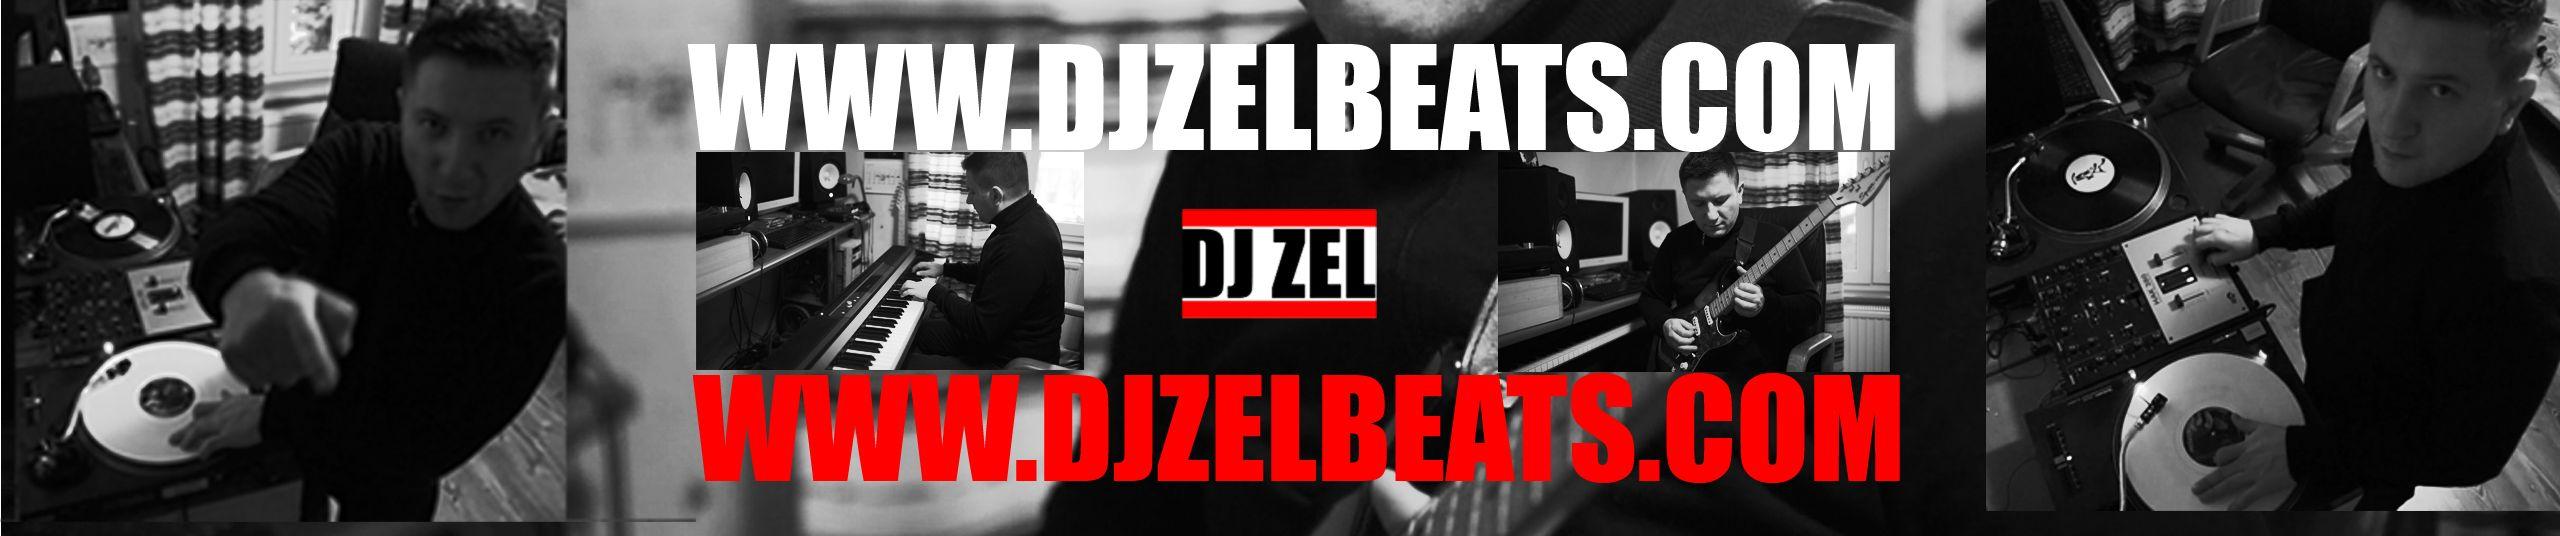 DJ Zel - Tha Beats